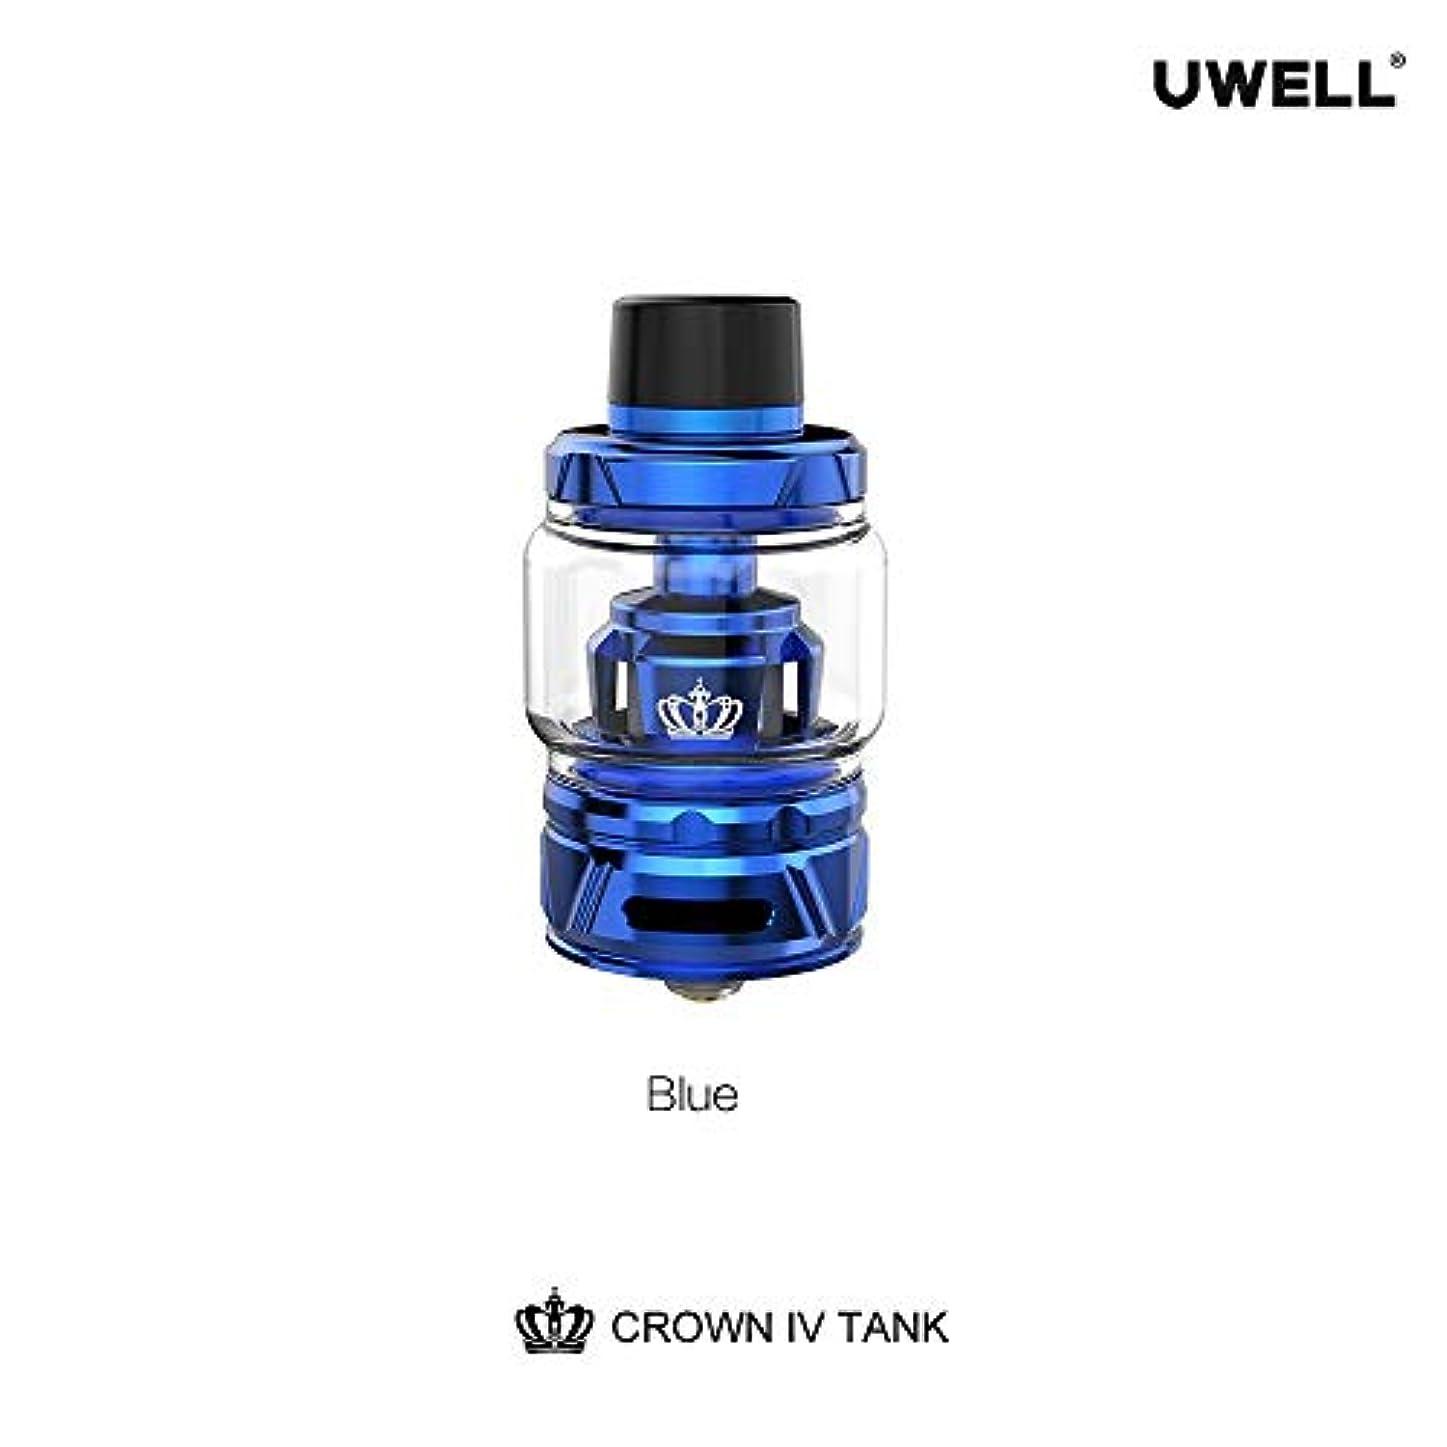 素晴らしいです端末プロトタイプ正規品 Original UWELL Crown IV Tank ブルー 電子タバコ用 アトマイザー